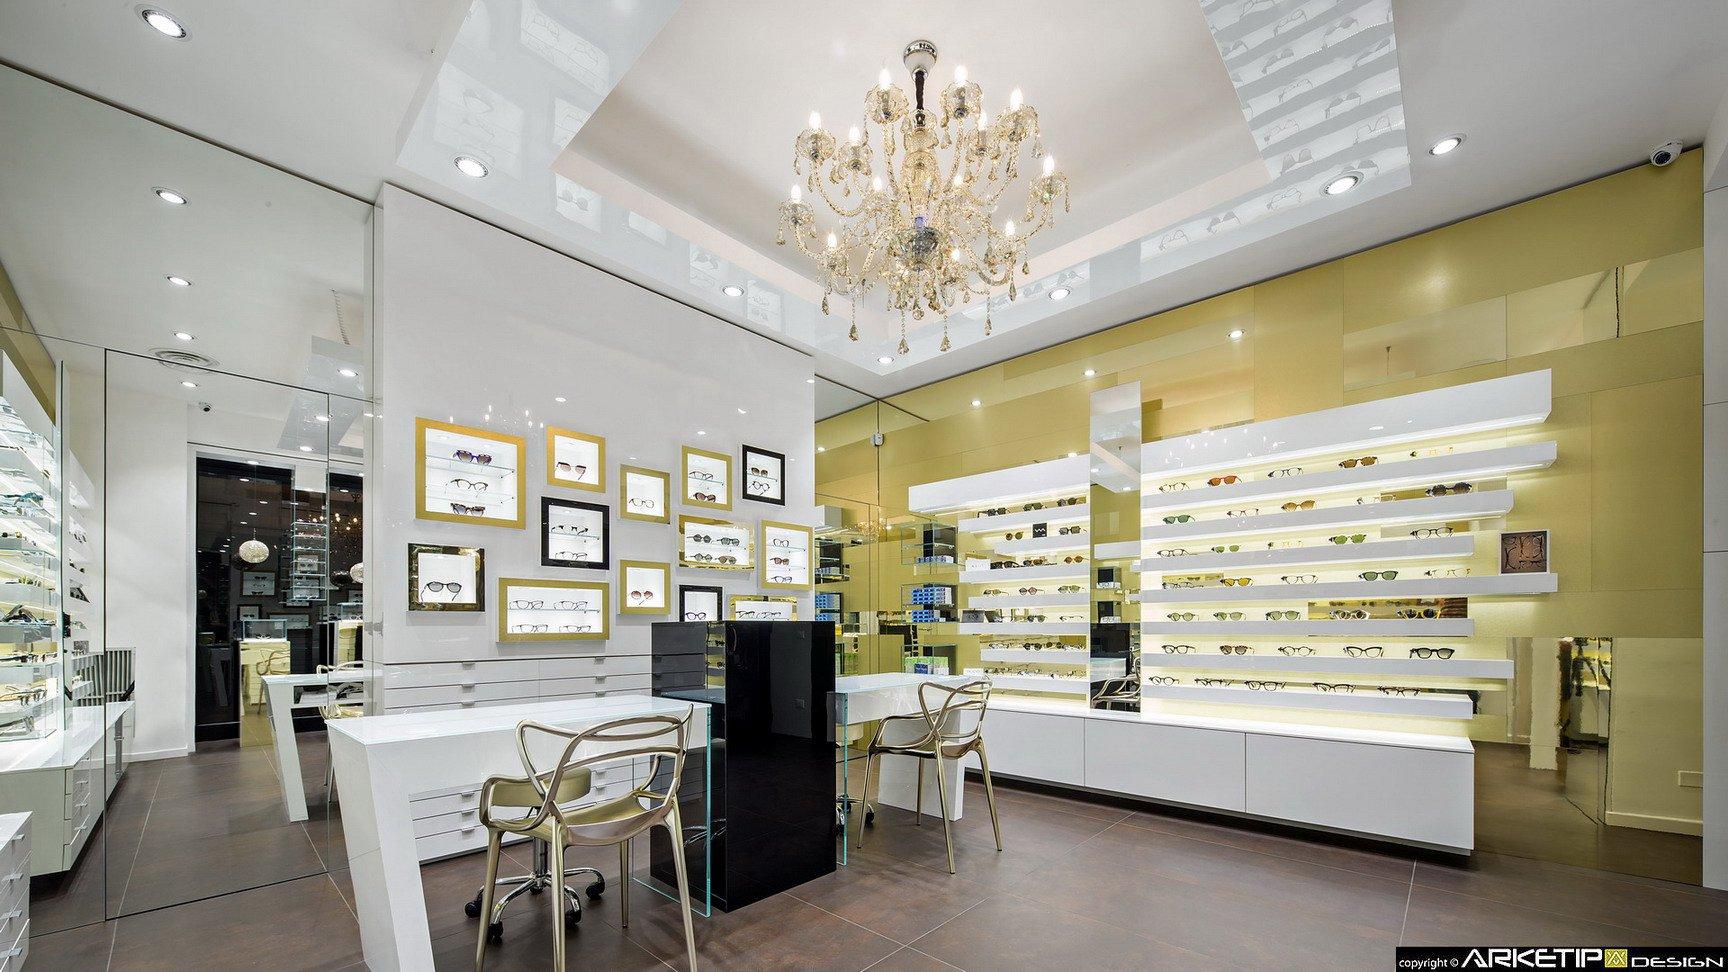 Arredamento ottica locchiale negozio ottica monza for Negozi d arredamento